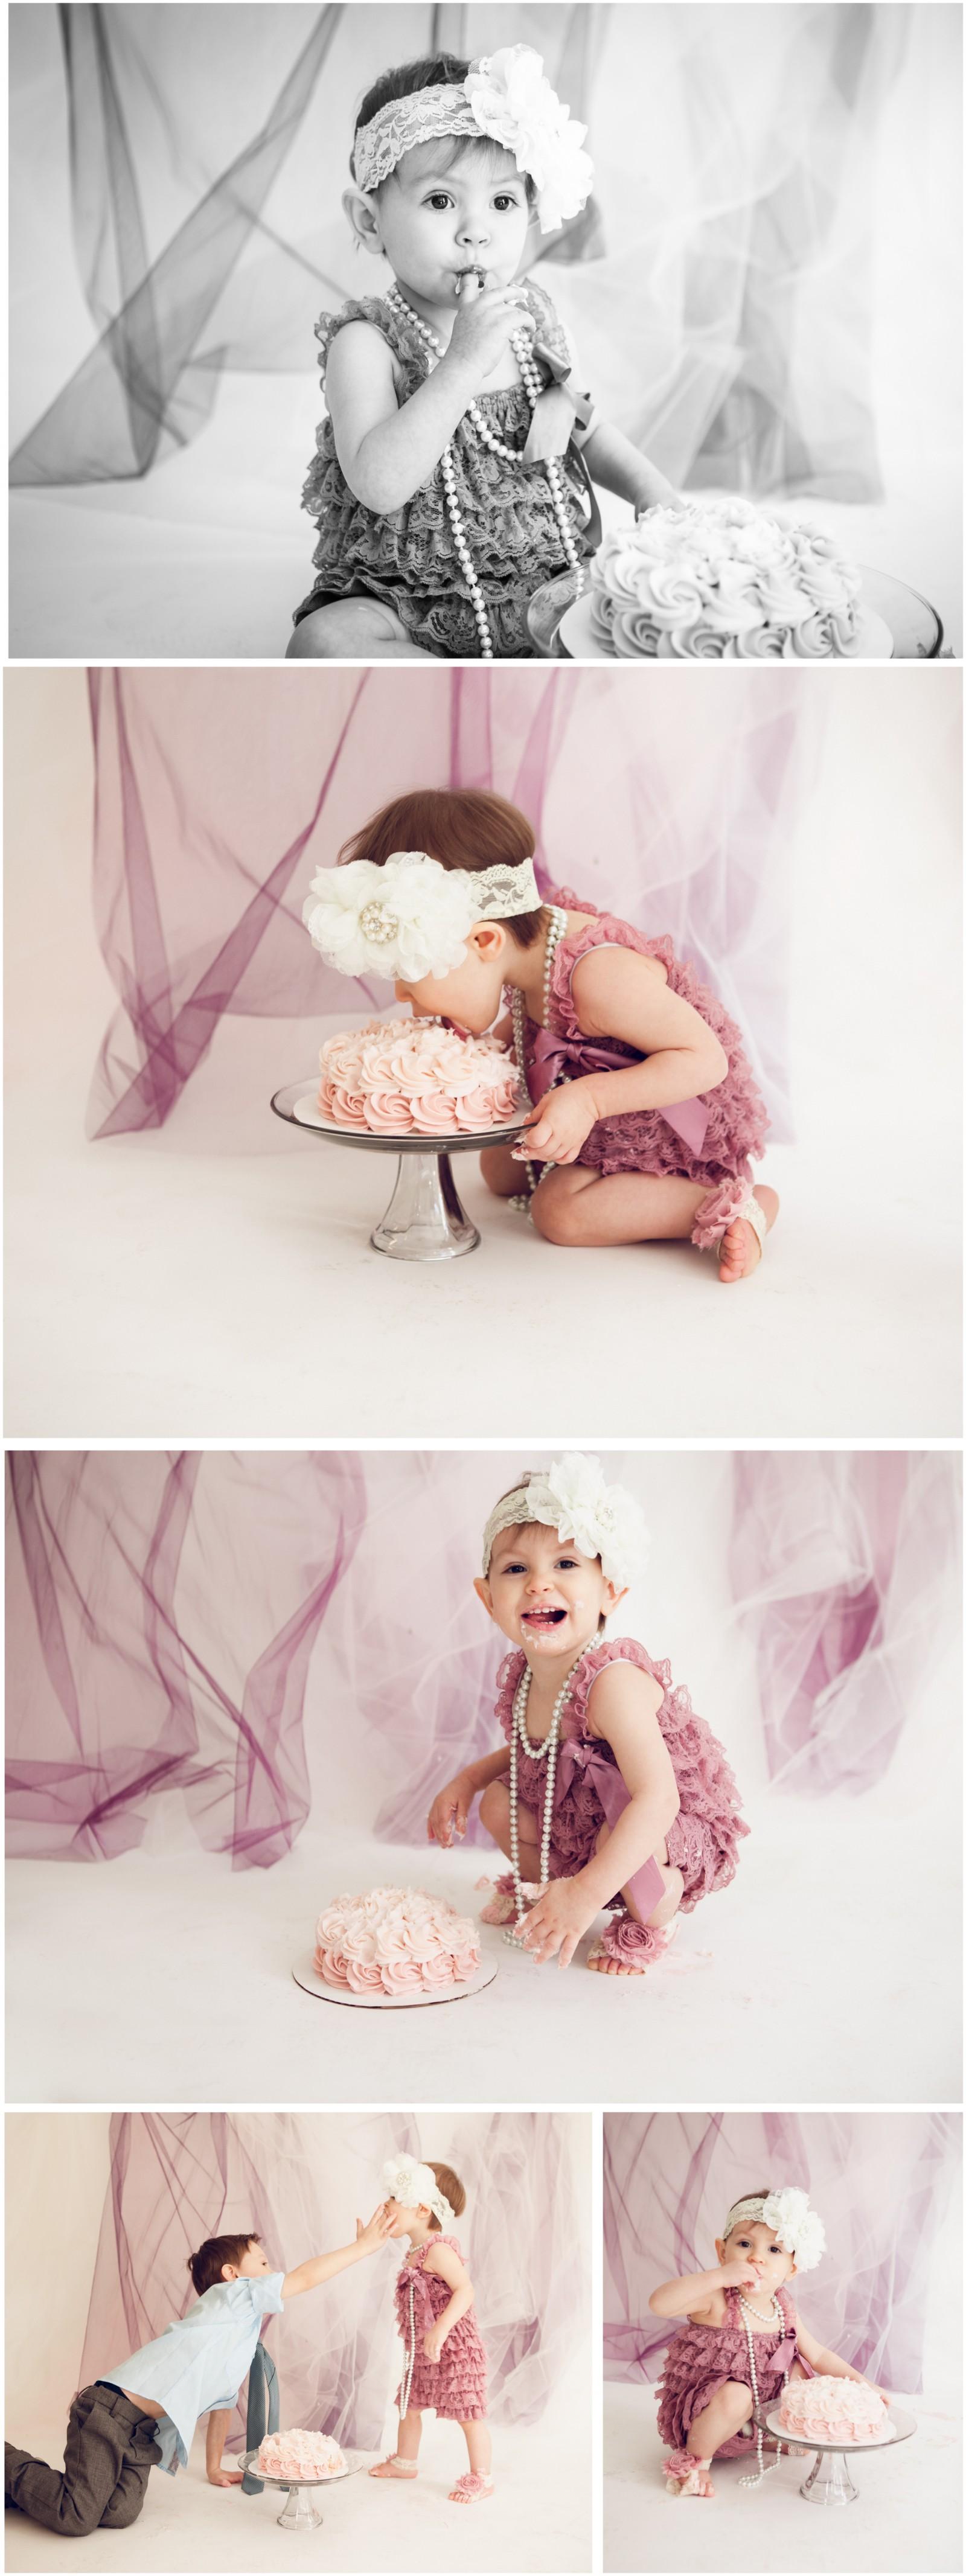 Adelina 4 - Cake Smash Lafayette Indiana Photographer